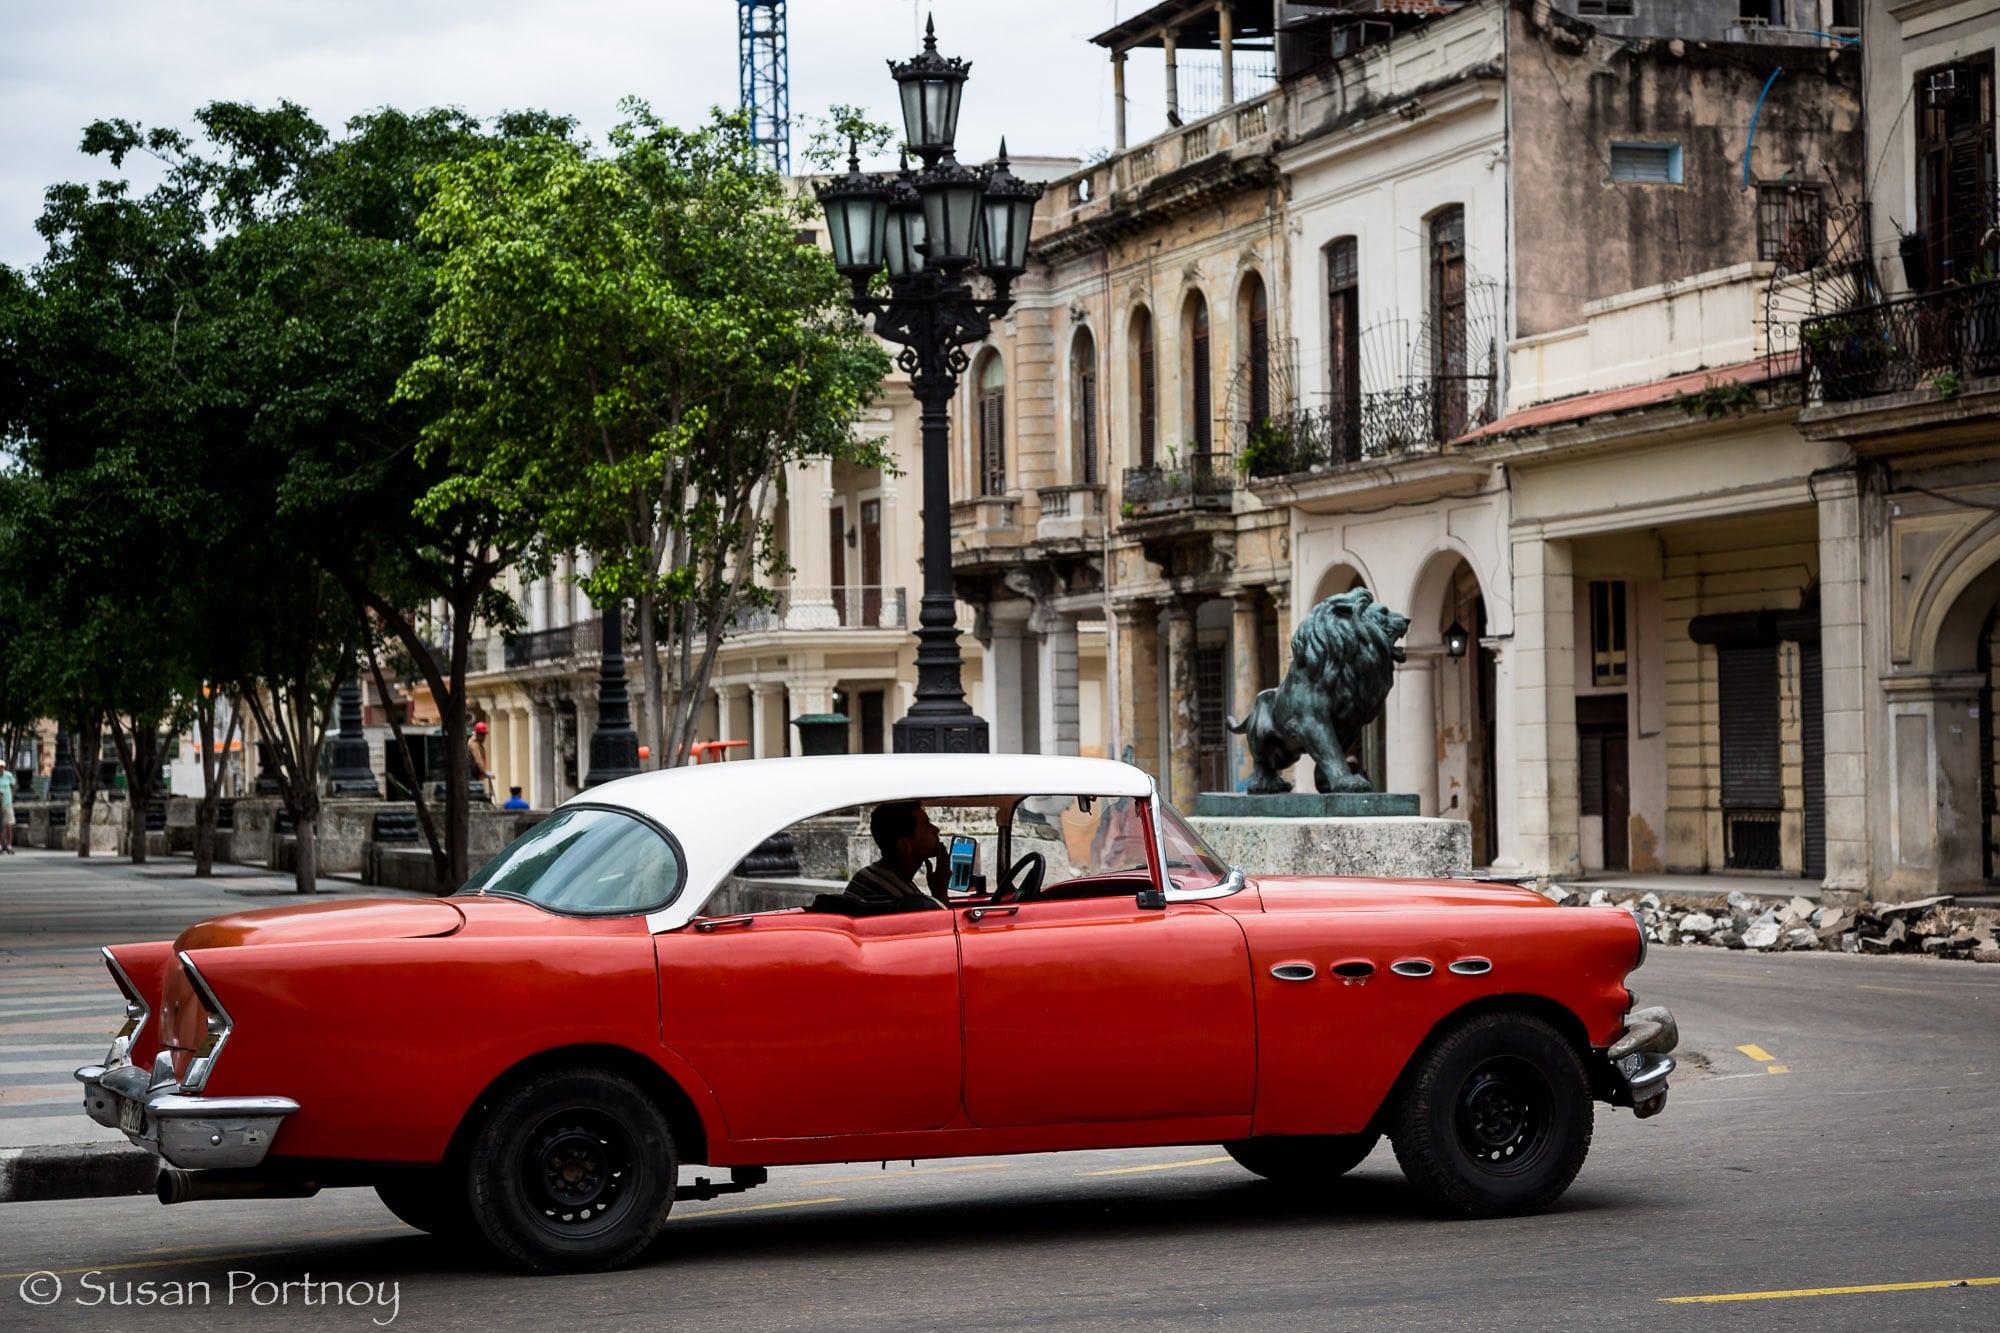 Red classic car in Havana, Cuba